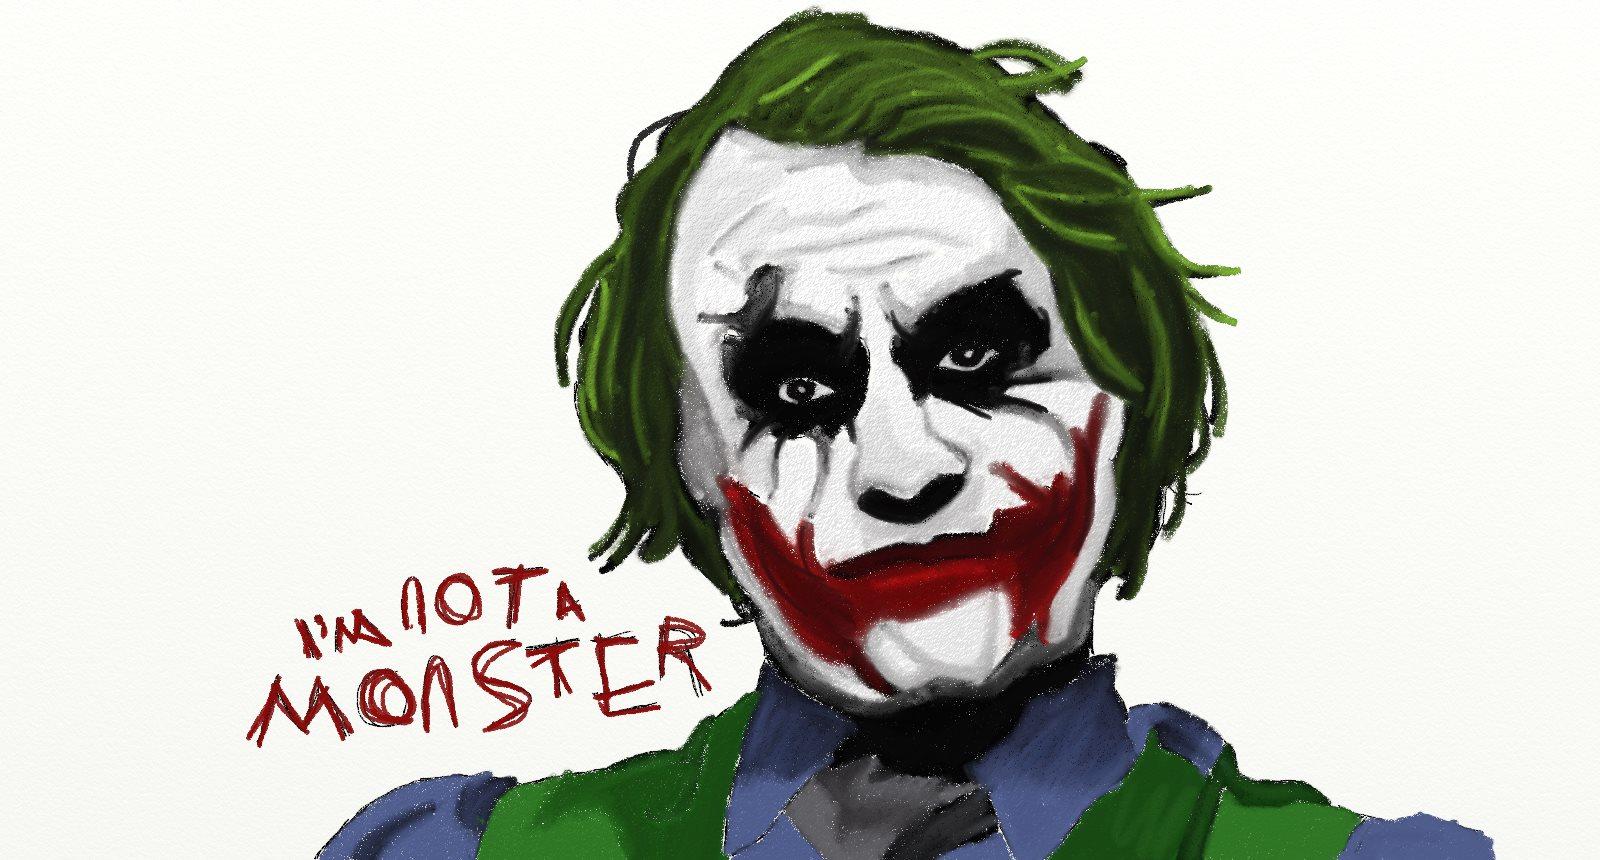 Joker - I'm not a monster